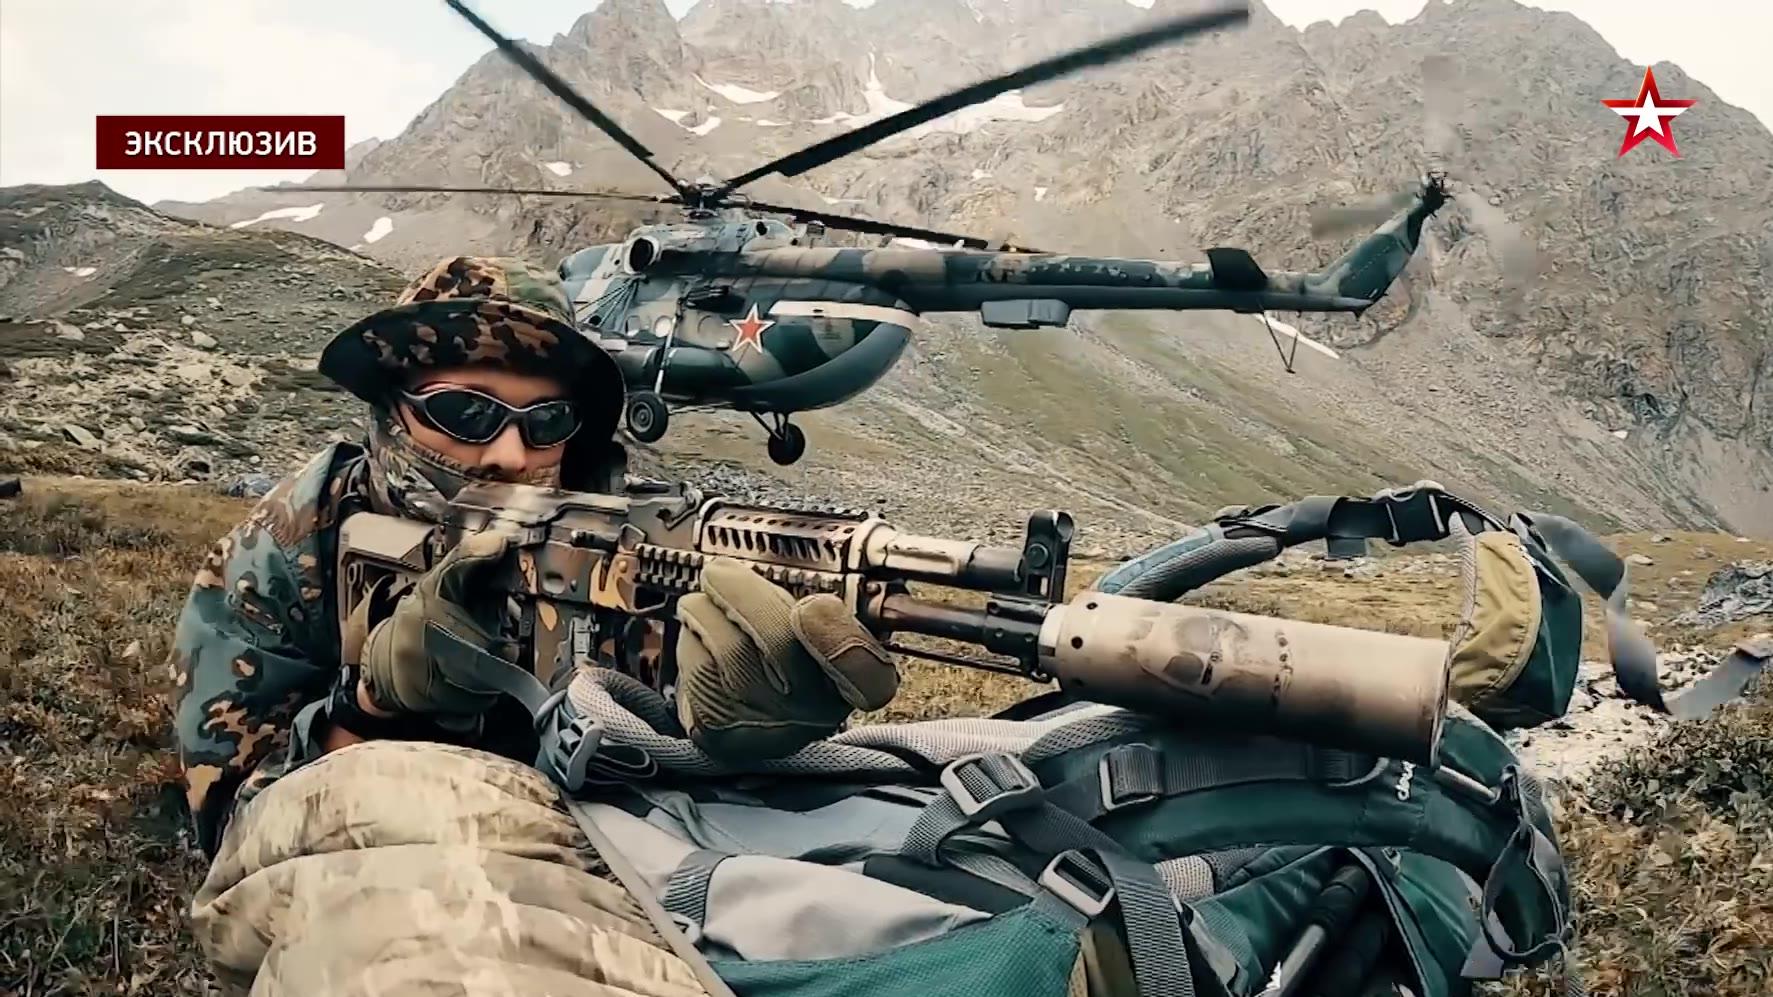 俄罗斯红星电视台 :祝贺我们的特种部队越来越强大